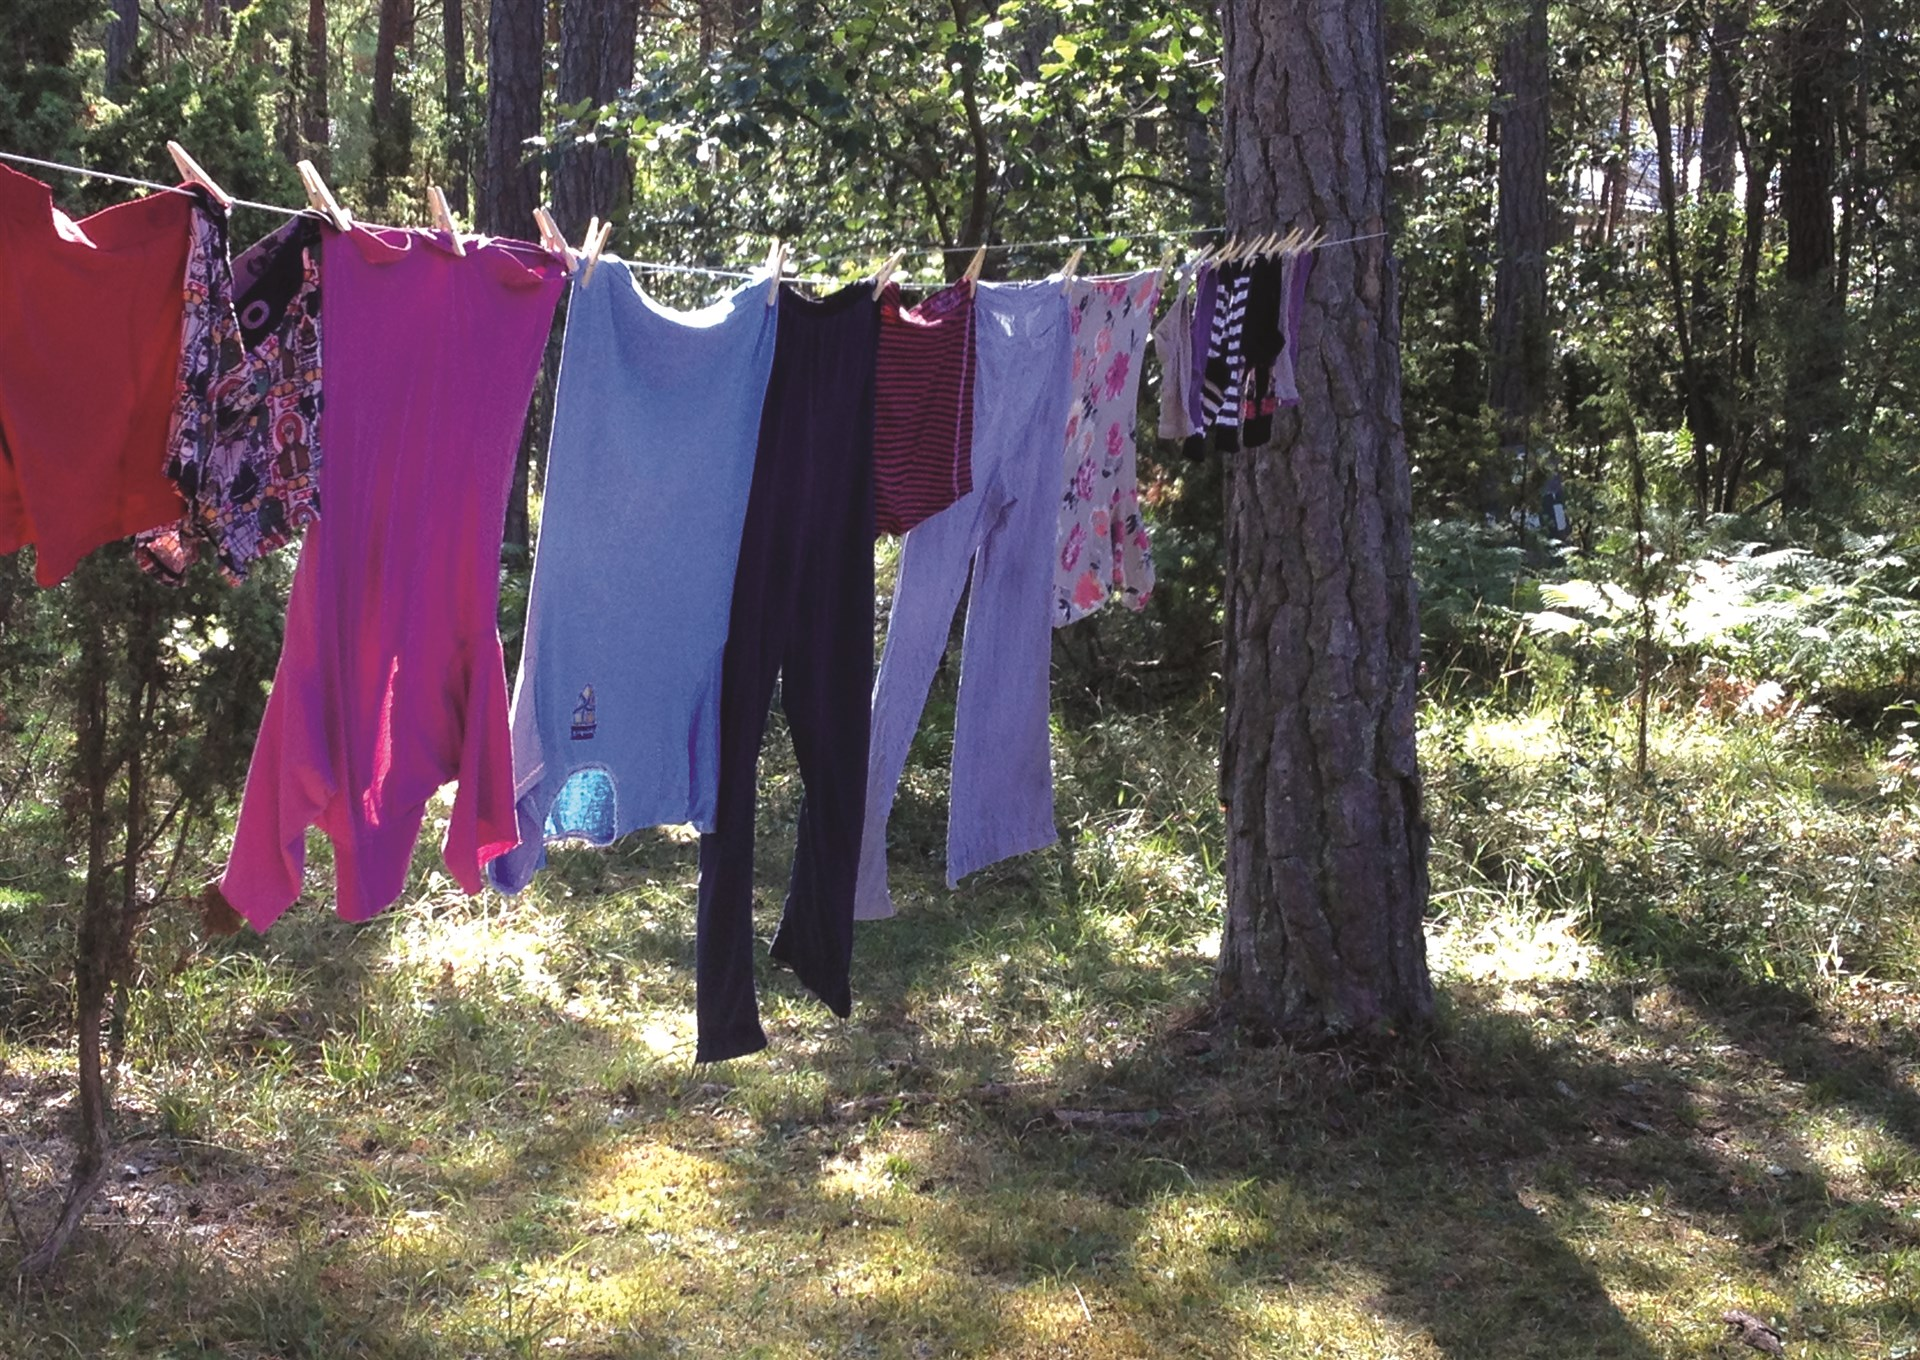 Torka din tvätt i det fria